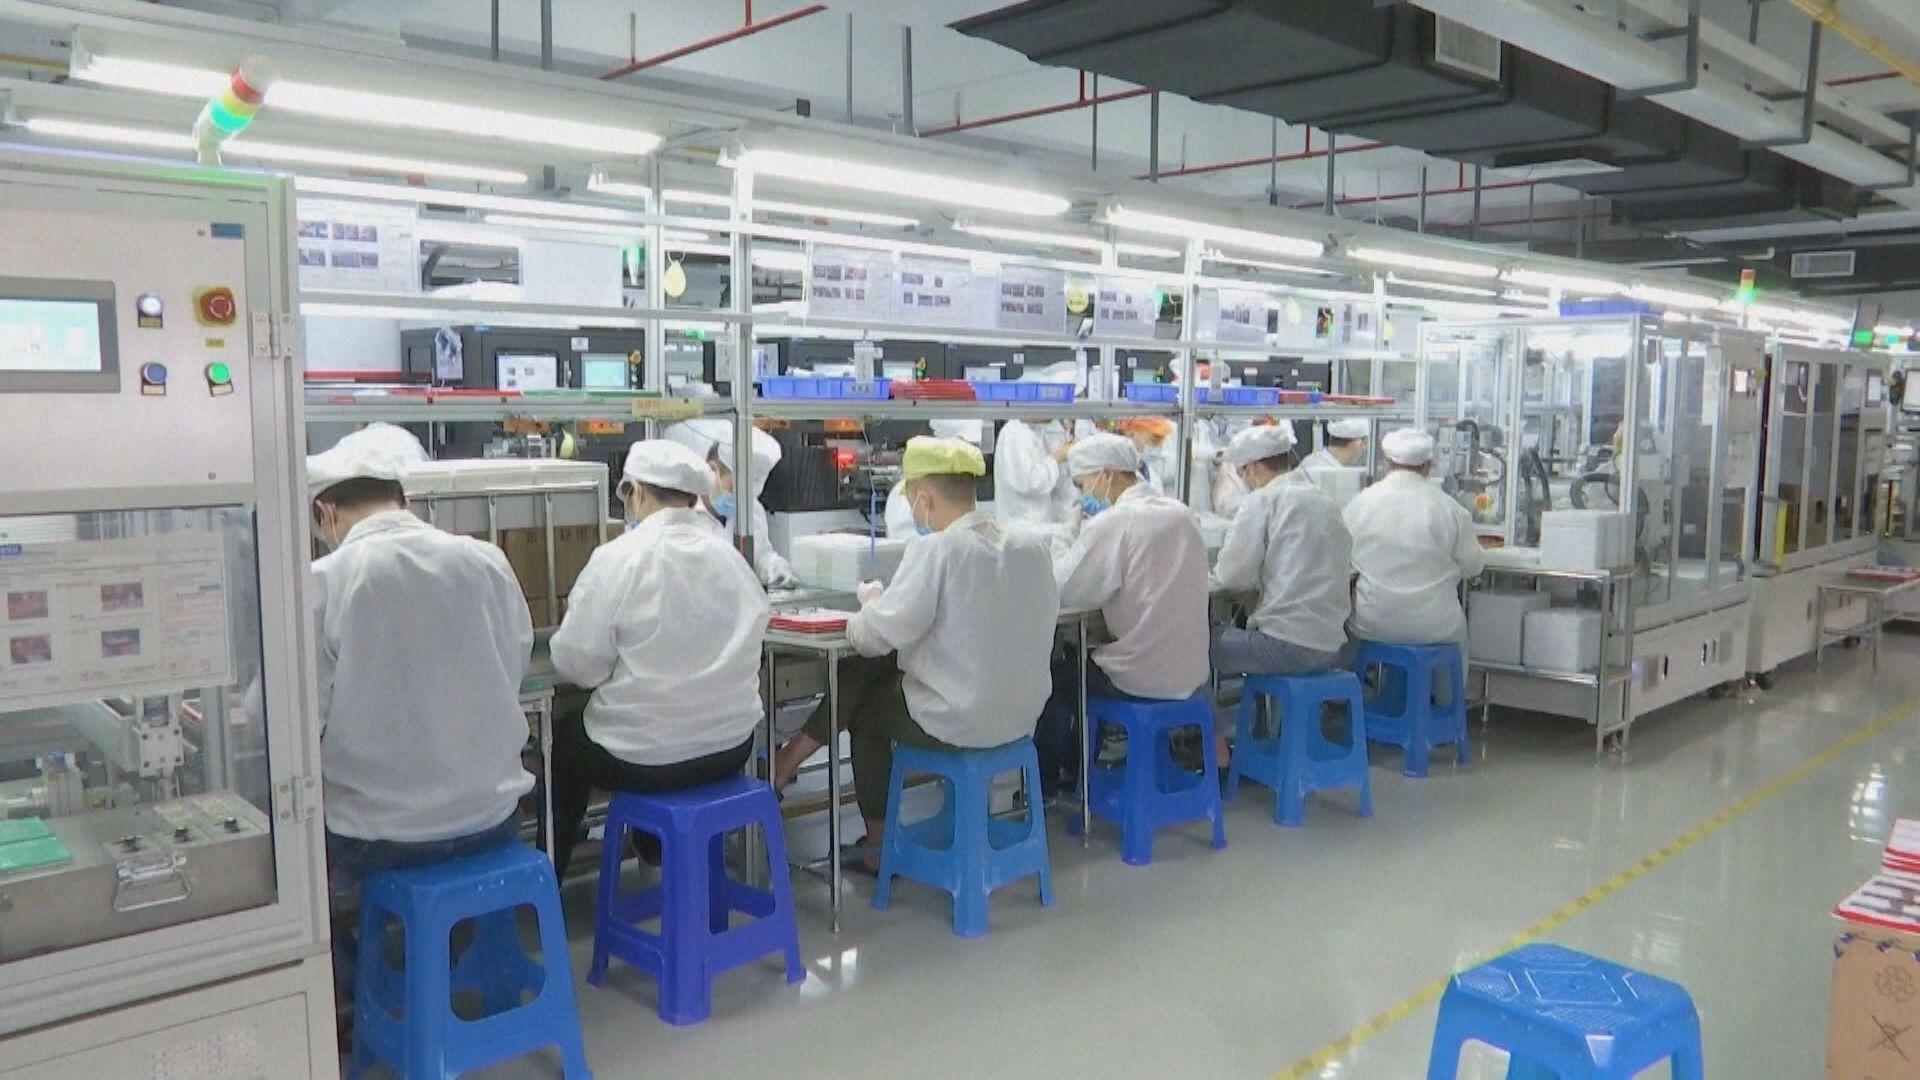 工信部:工業不會大範圍停工停產